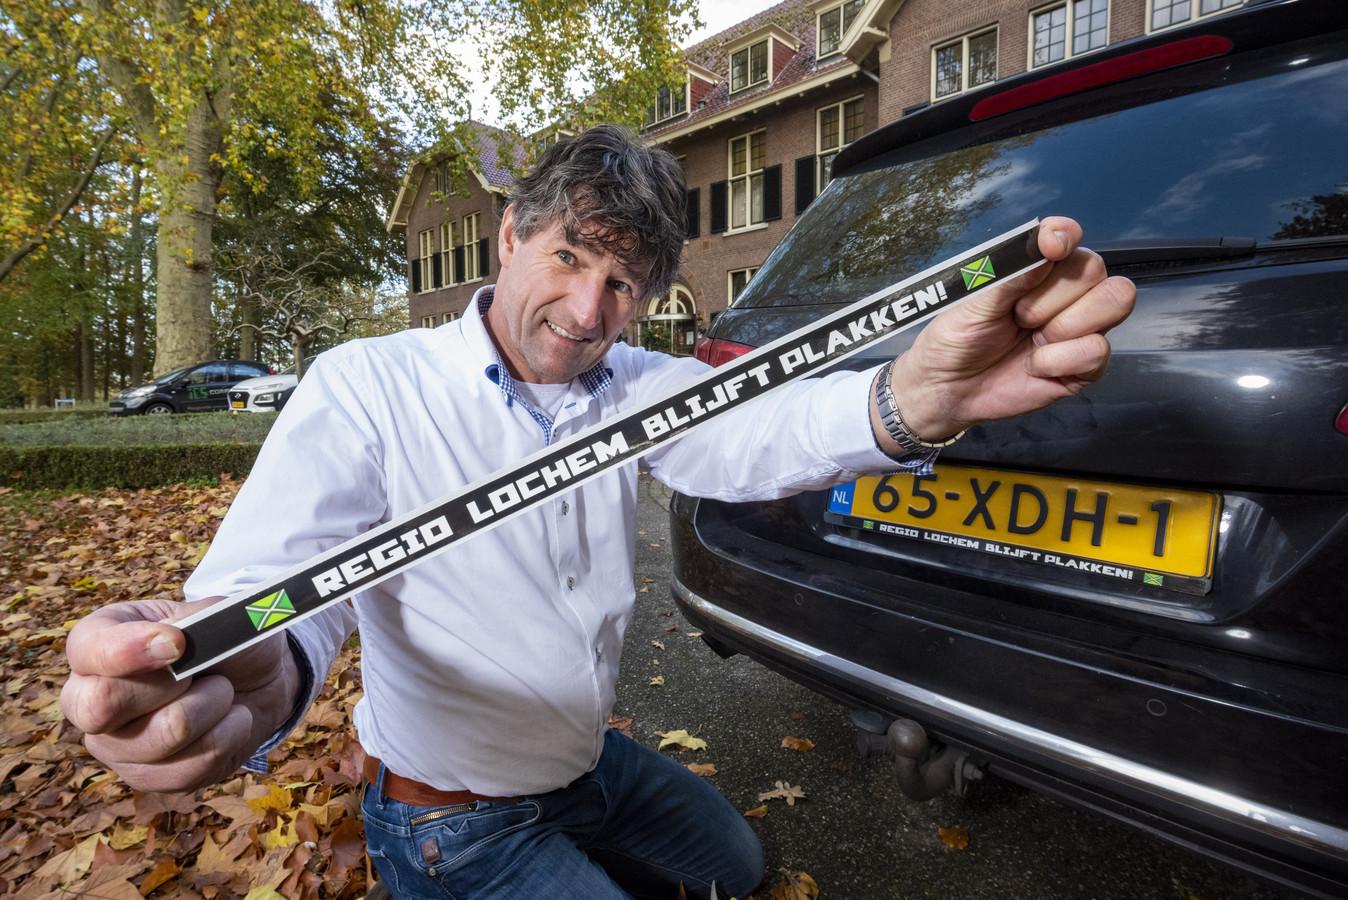 Aanjager Richard Ottenschot van hotel Ehzerwold met de sticker die meer toeristen naar de gemeente Lochem moet lokken.